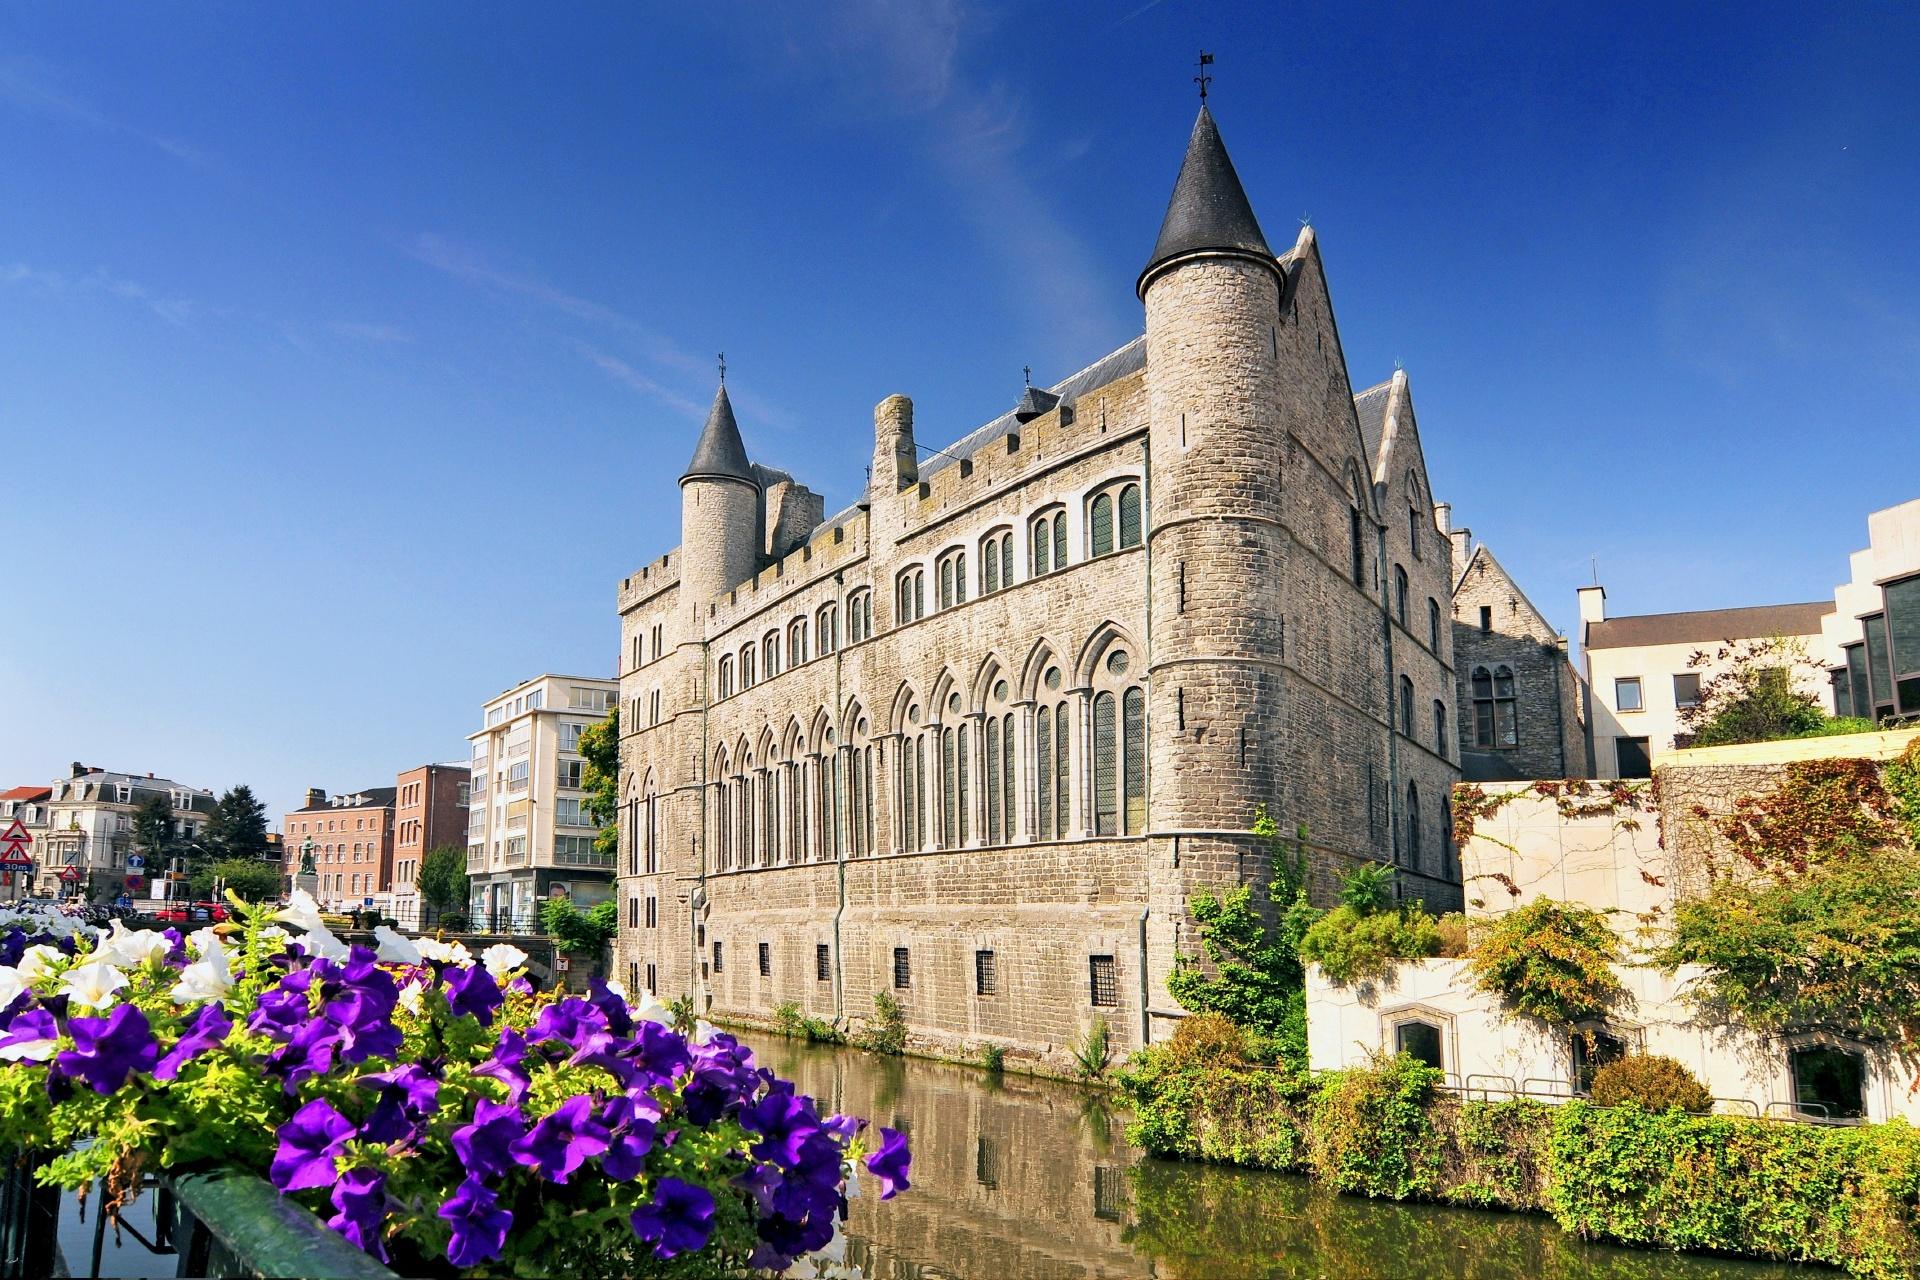 ゲントの風景 ベルギーの風景